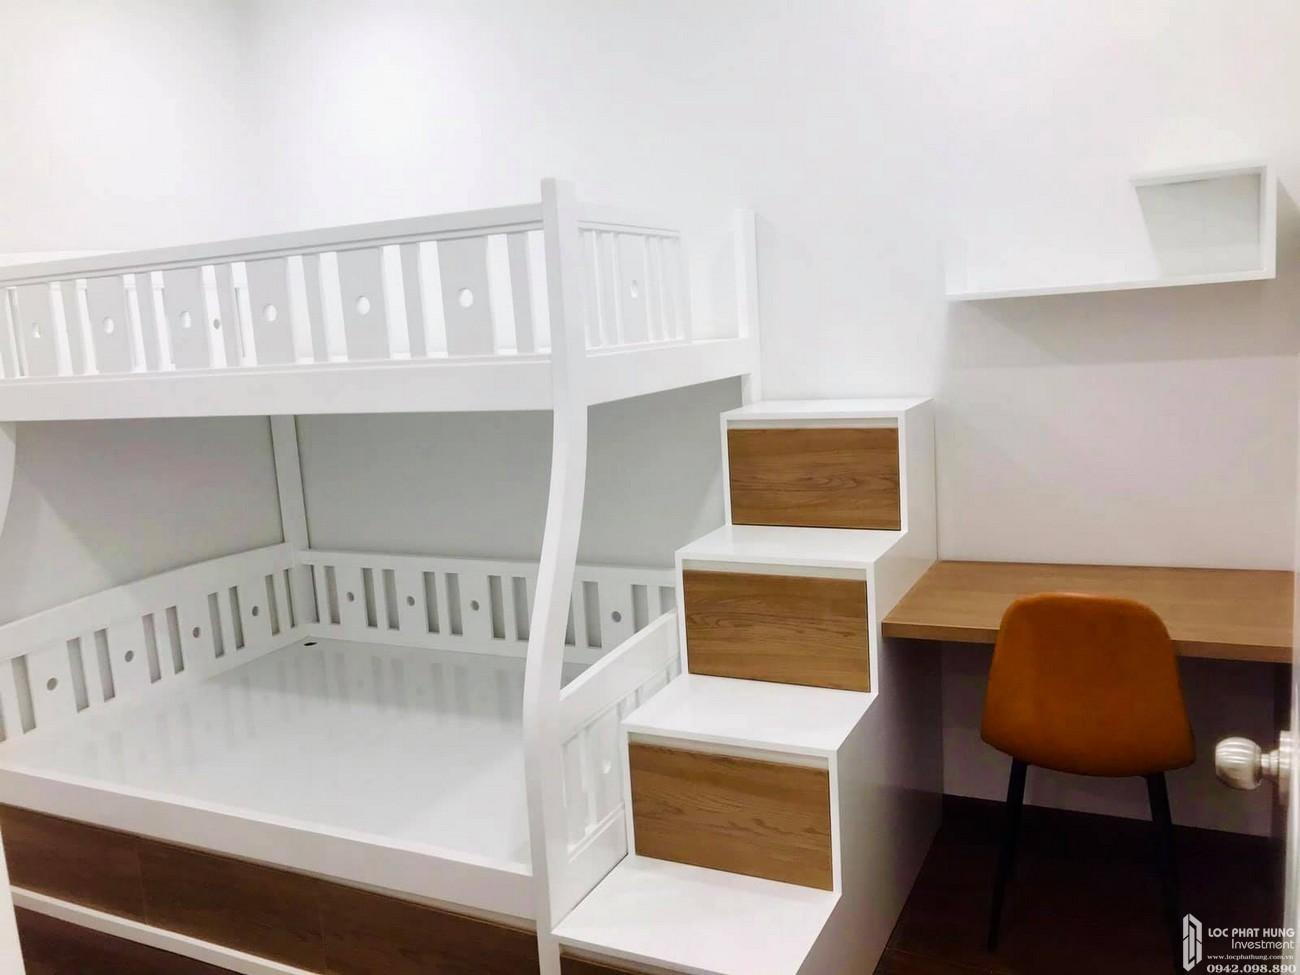 Nhà mẫu dự án căn hộ chung cư Charm Plaza Dĩ An Đường ĐT743B chủ đầu tư DCT GROUP